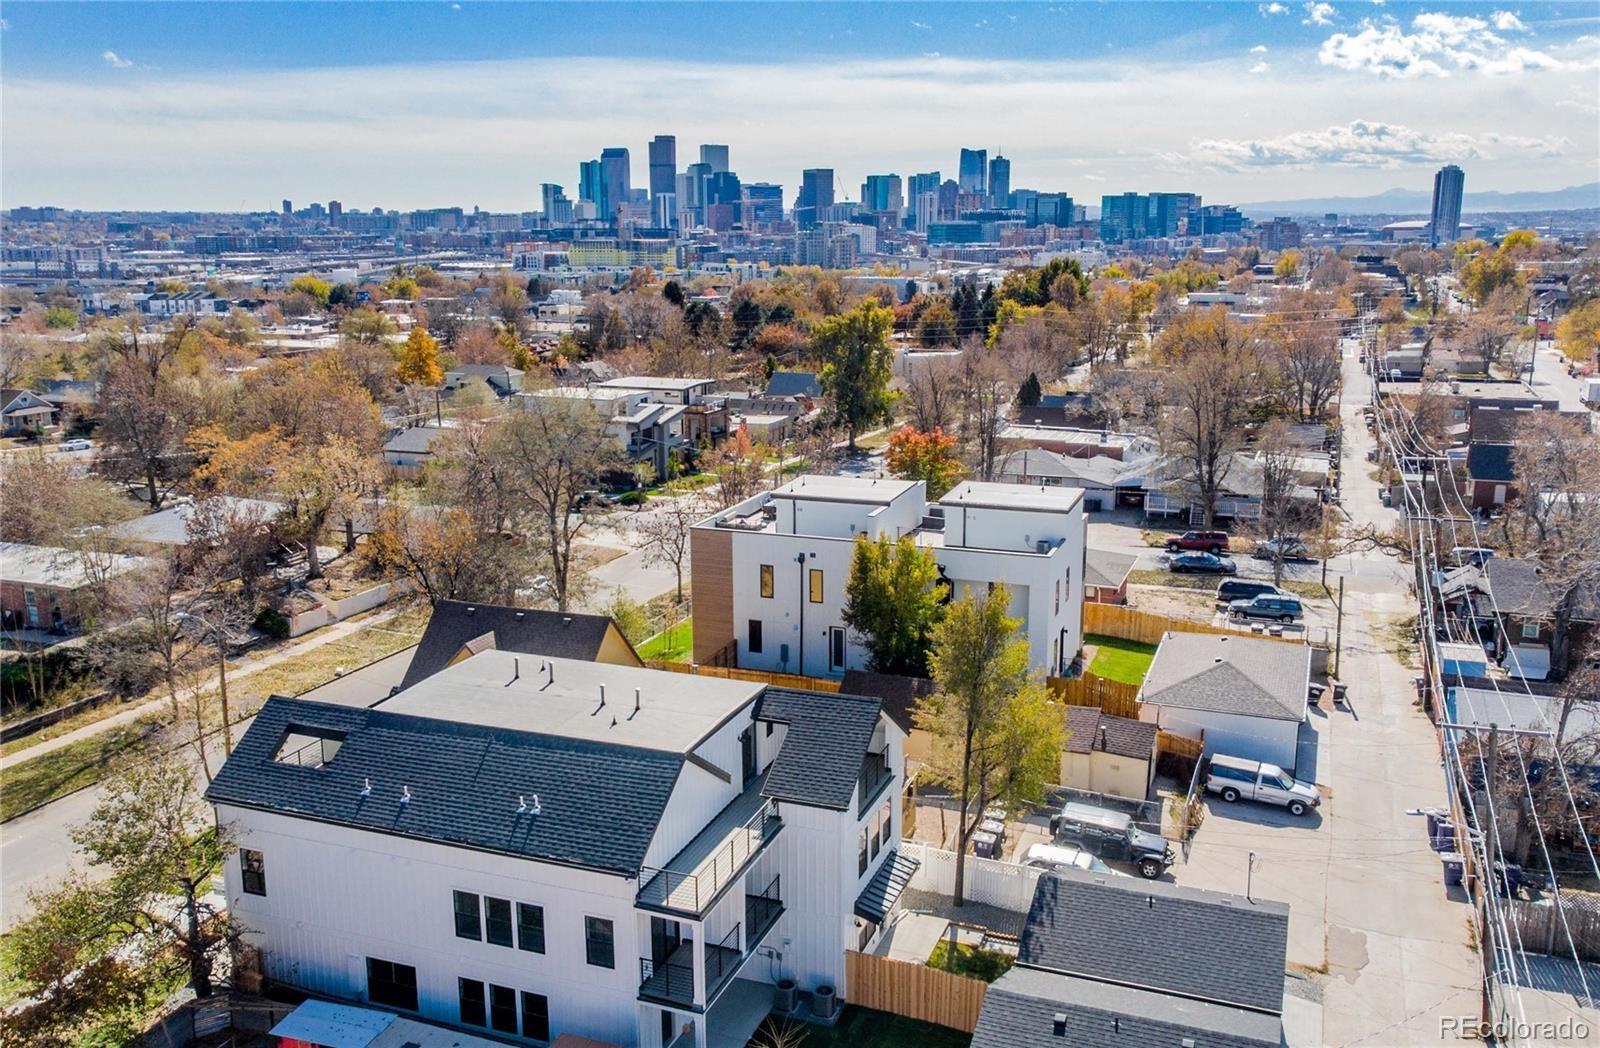 MLS# 2570669 - 33 - 4035 Osage Street, Denver, CO 80211